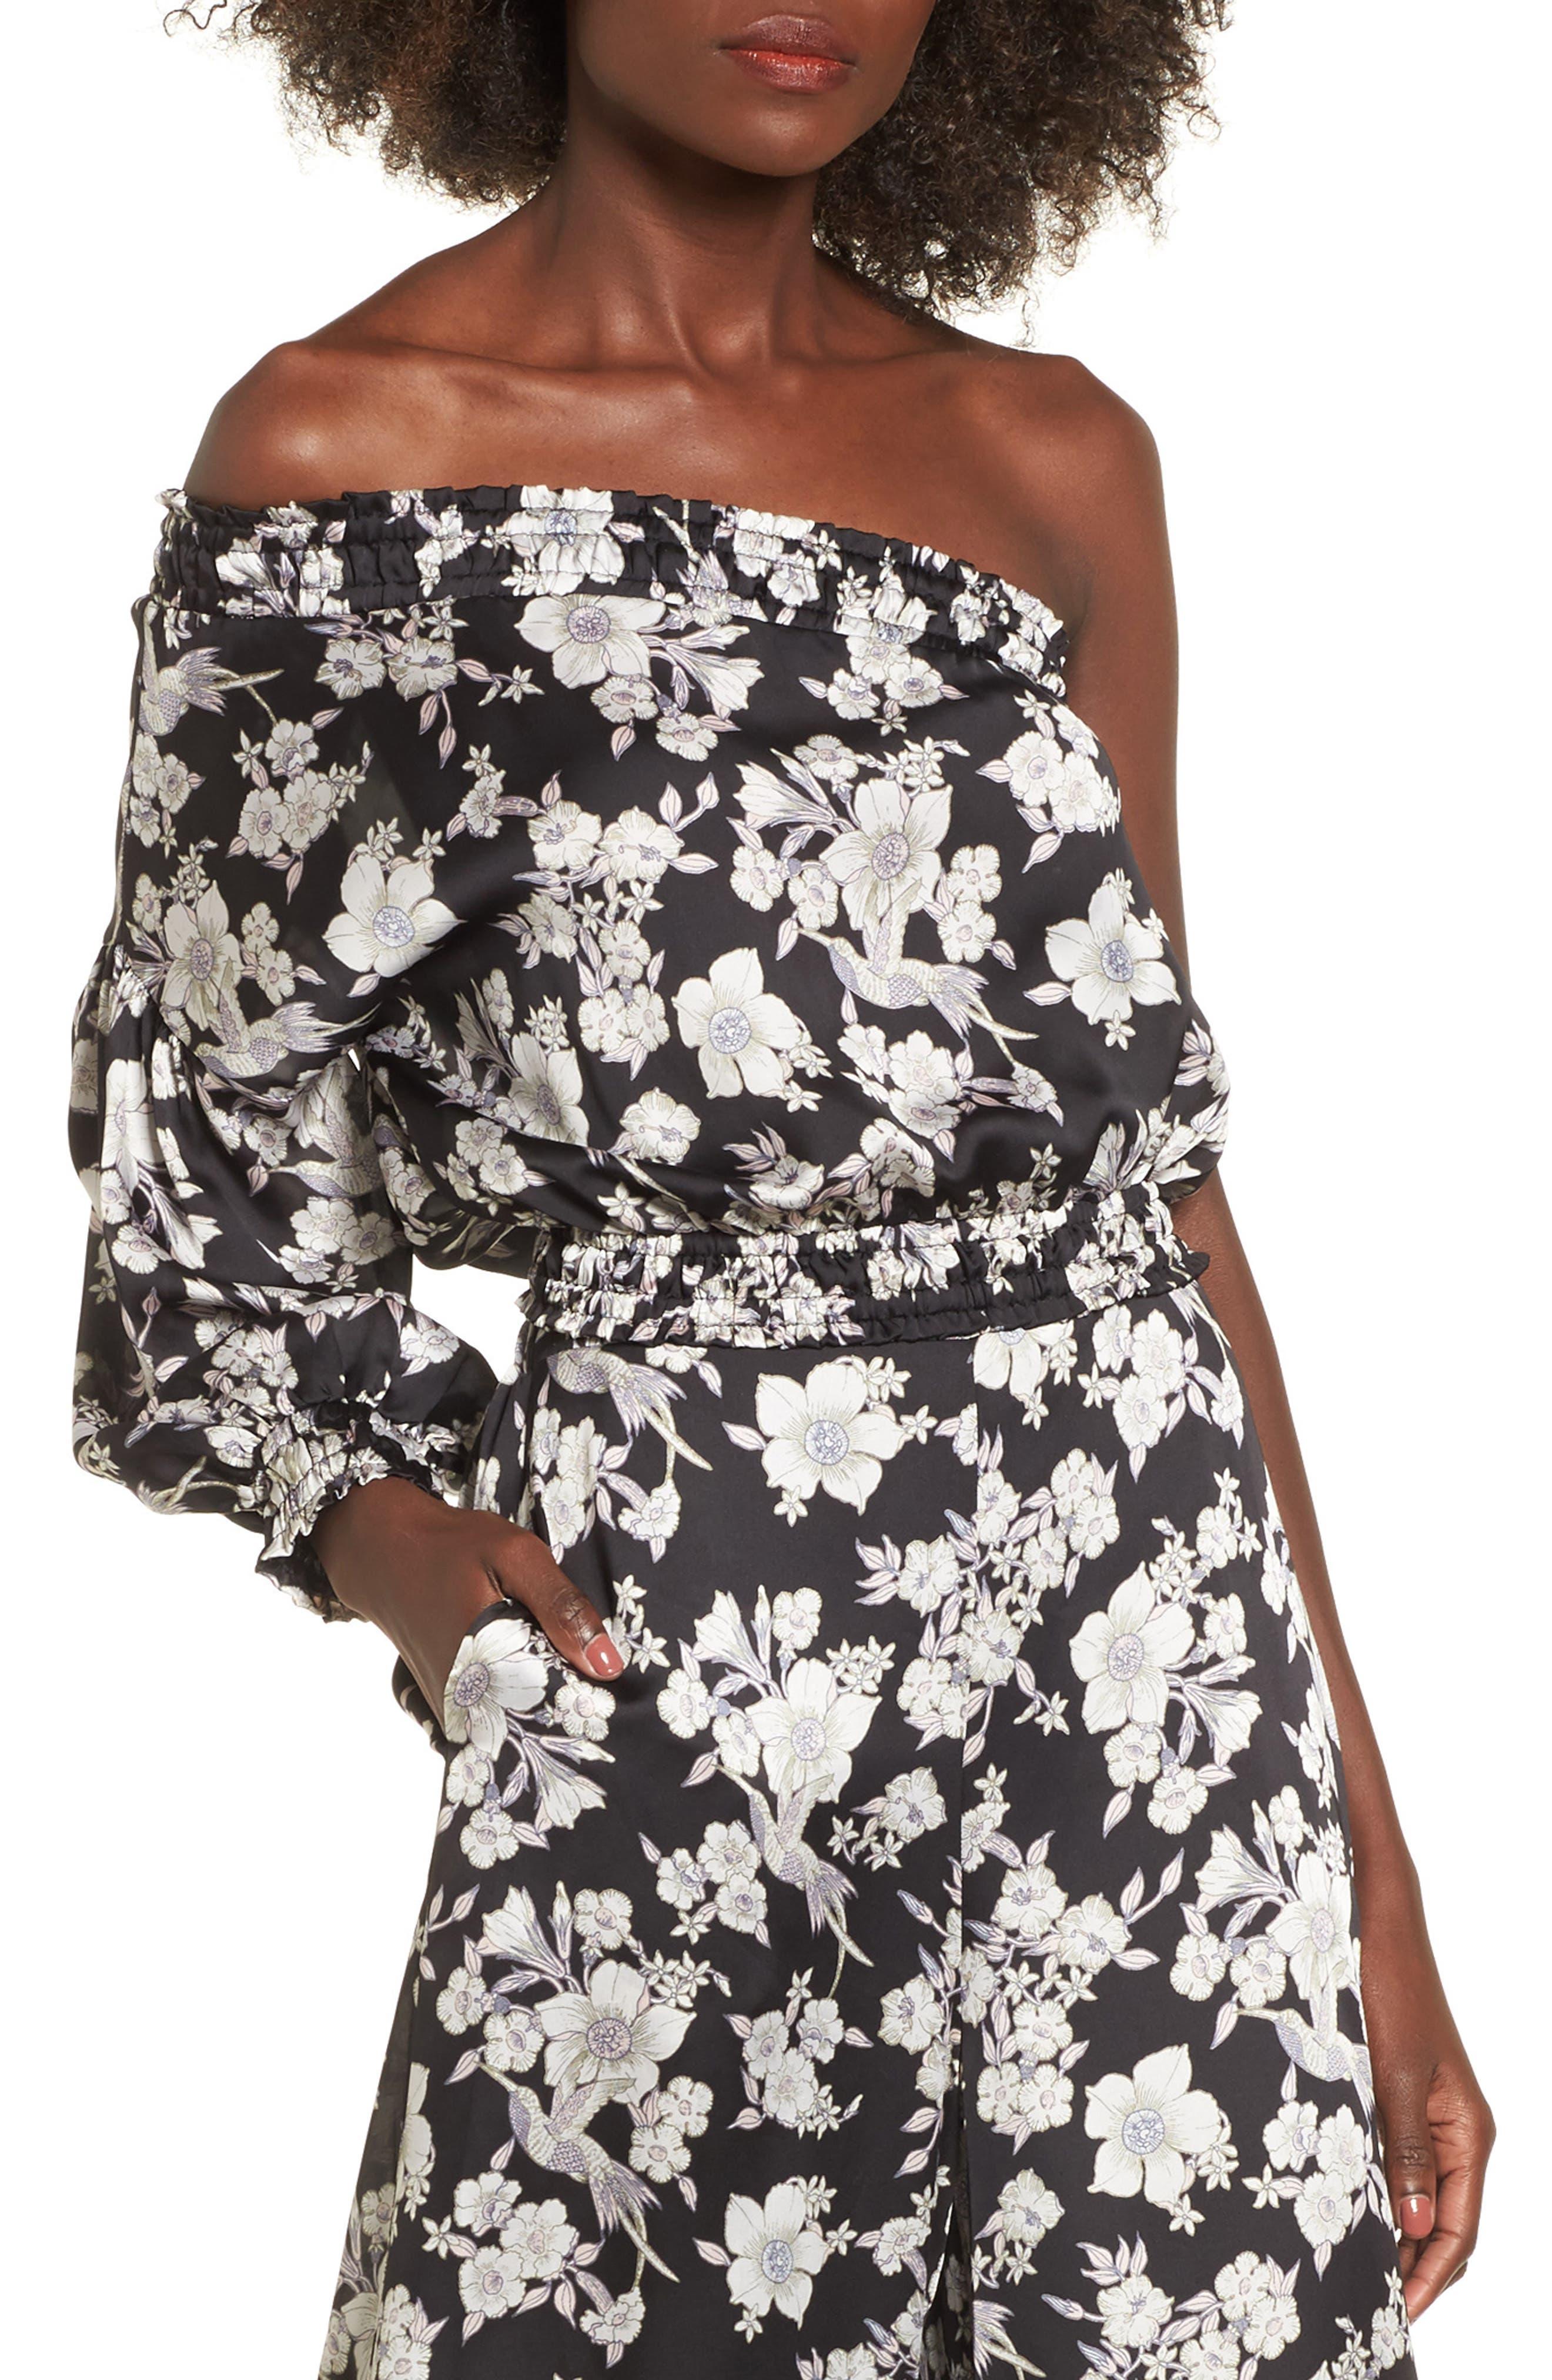 Birdee One Shoulder Crop Top,                         Main,                         color, Black Floral